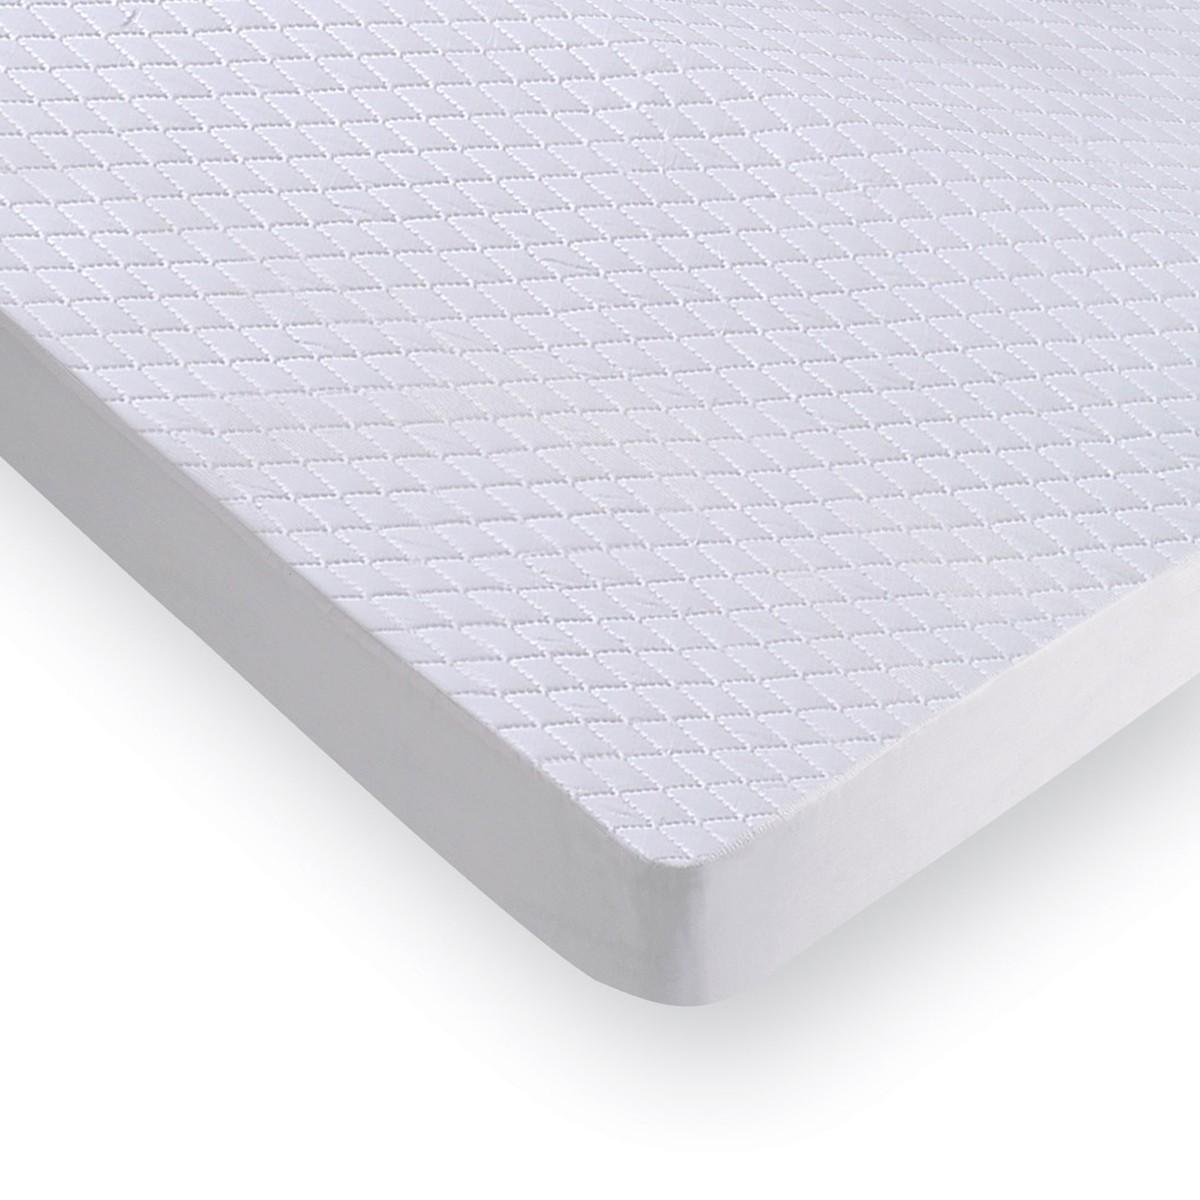 Κάλυμμα Στρώματος Καπιτονέ (120x200) 100%Microfiber Με Φάσα home   επαγγελματικός εξοπλισμός   ξενοδοχειακός εξοπλισμός   επιστρώματα ξενοδο